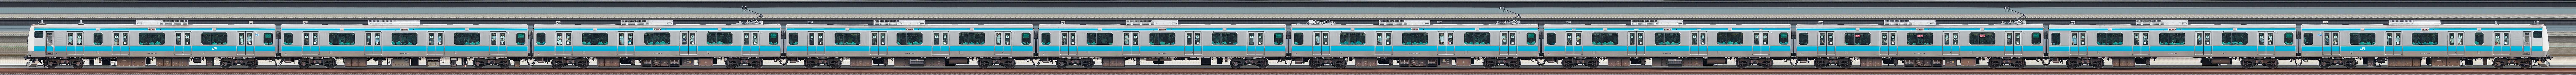 JR東日本 京浜東北線・根岸線 E233系1000番台サイ152編成(線路設備モニタリング装置搭載編成・山側)の編成サイドビュー